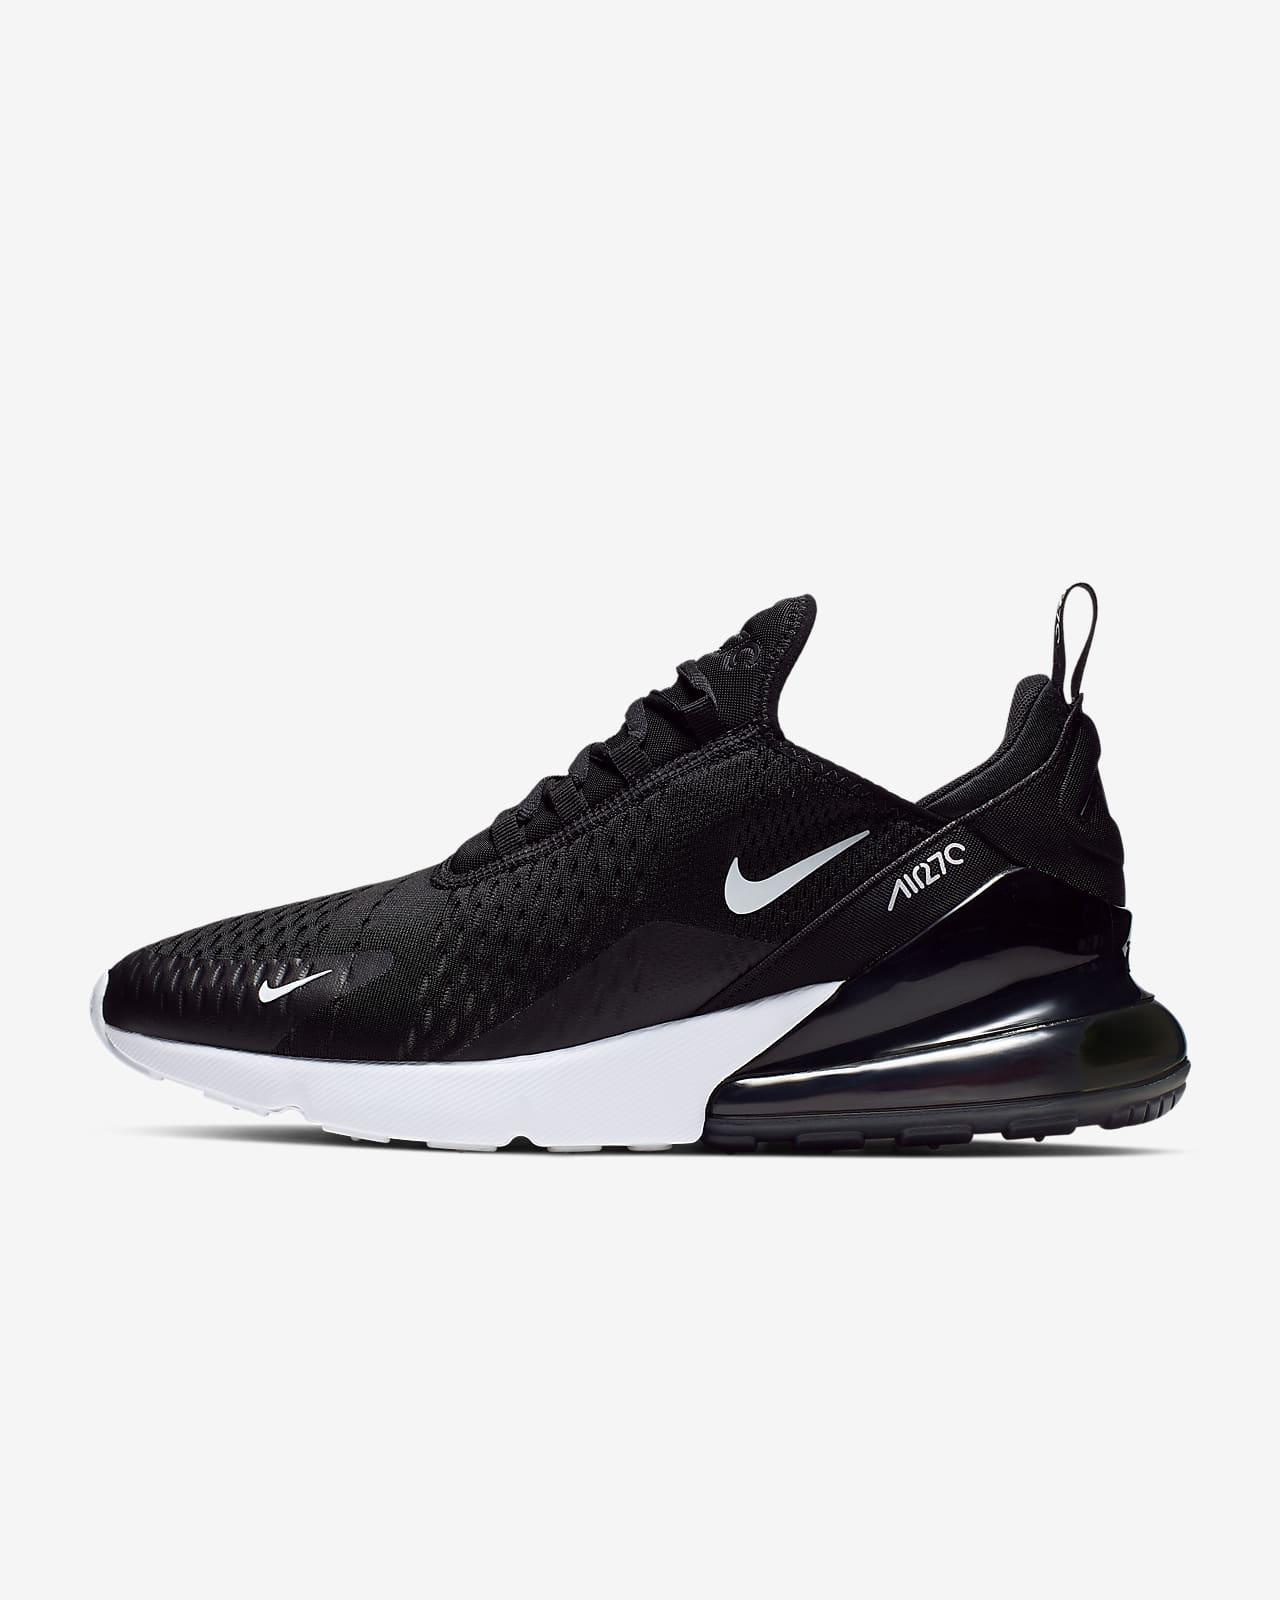 Nike Air Max 270 Men's Shoes